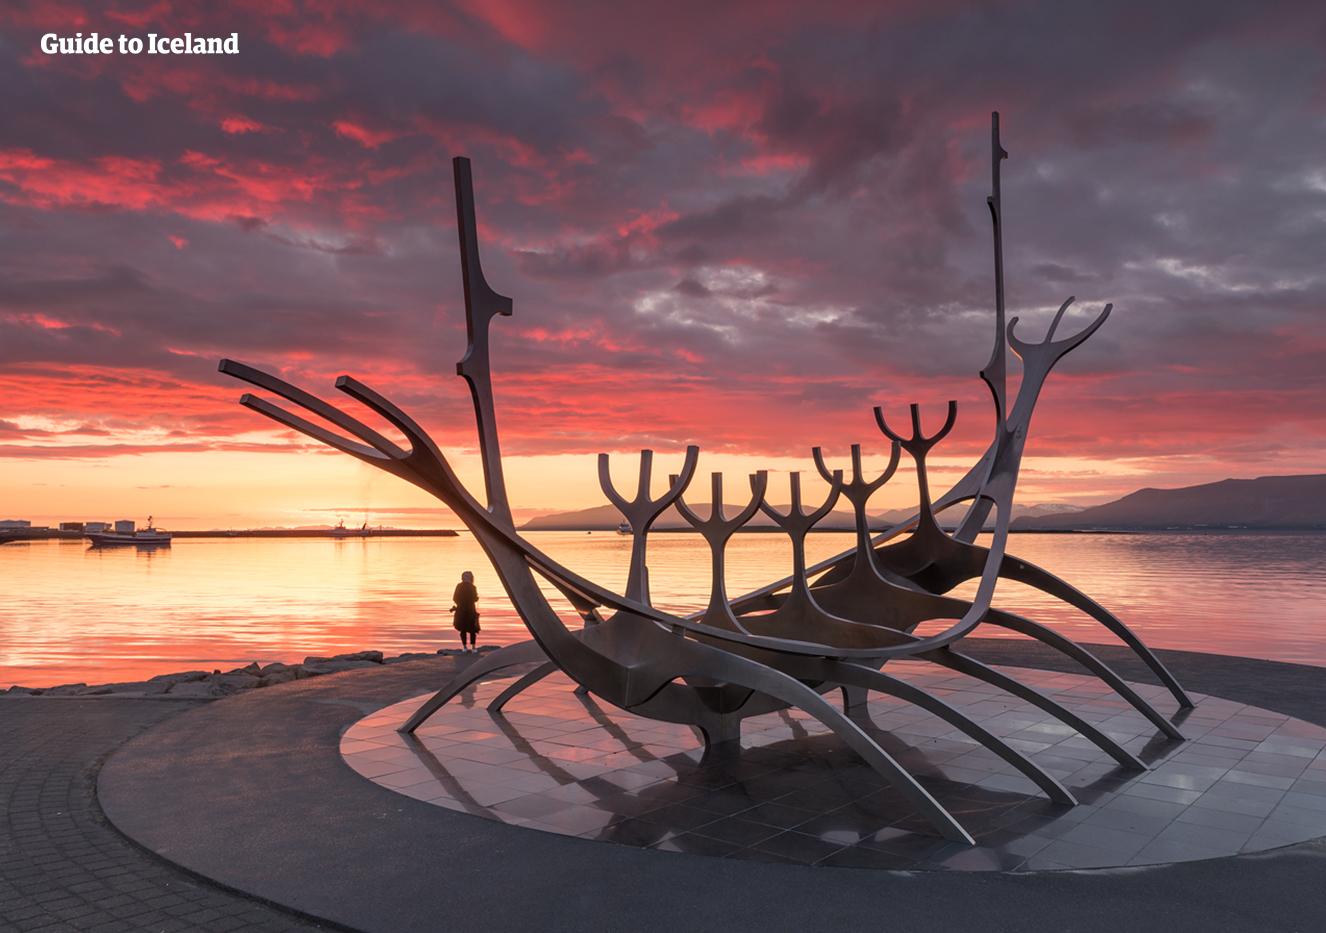 Reykjavík è ricca di opportunità, da eccitanti bar notturni a sofisticati musei e gallerie d'arte.